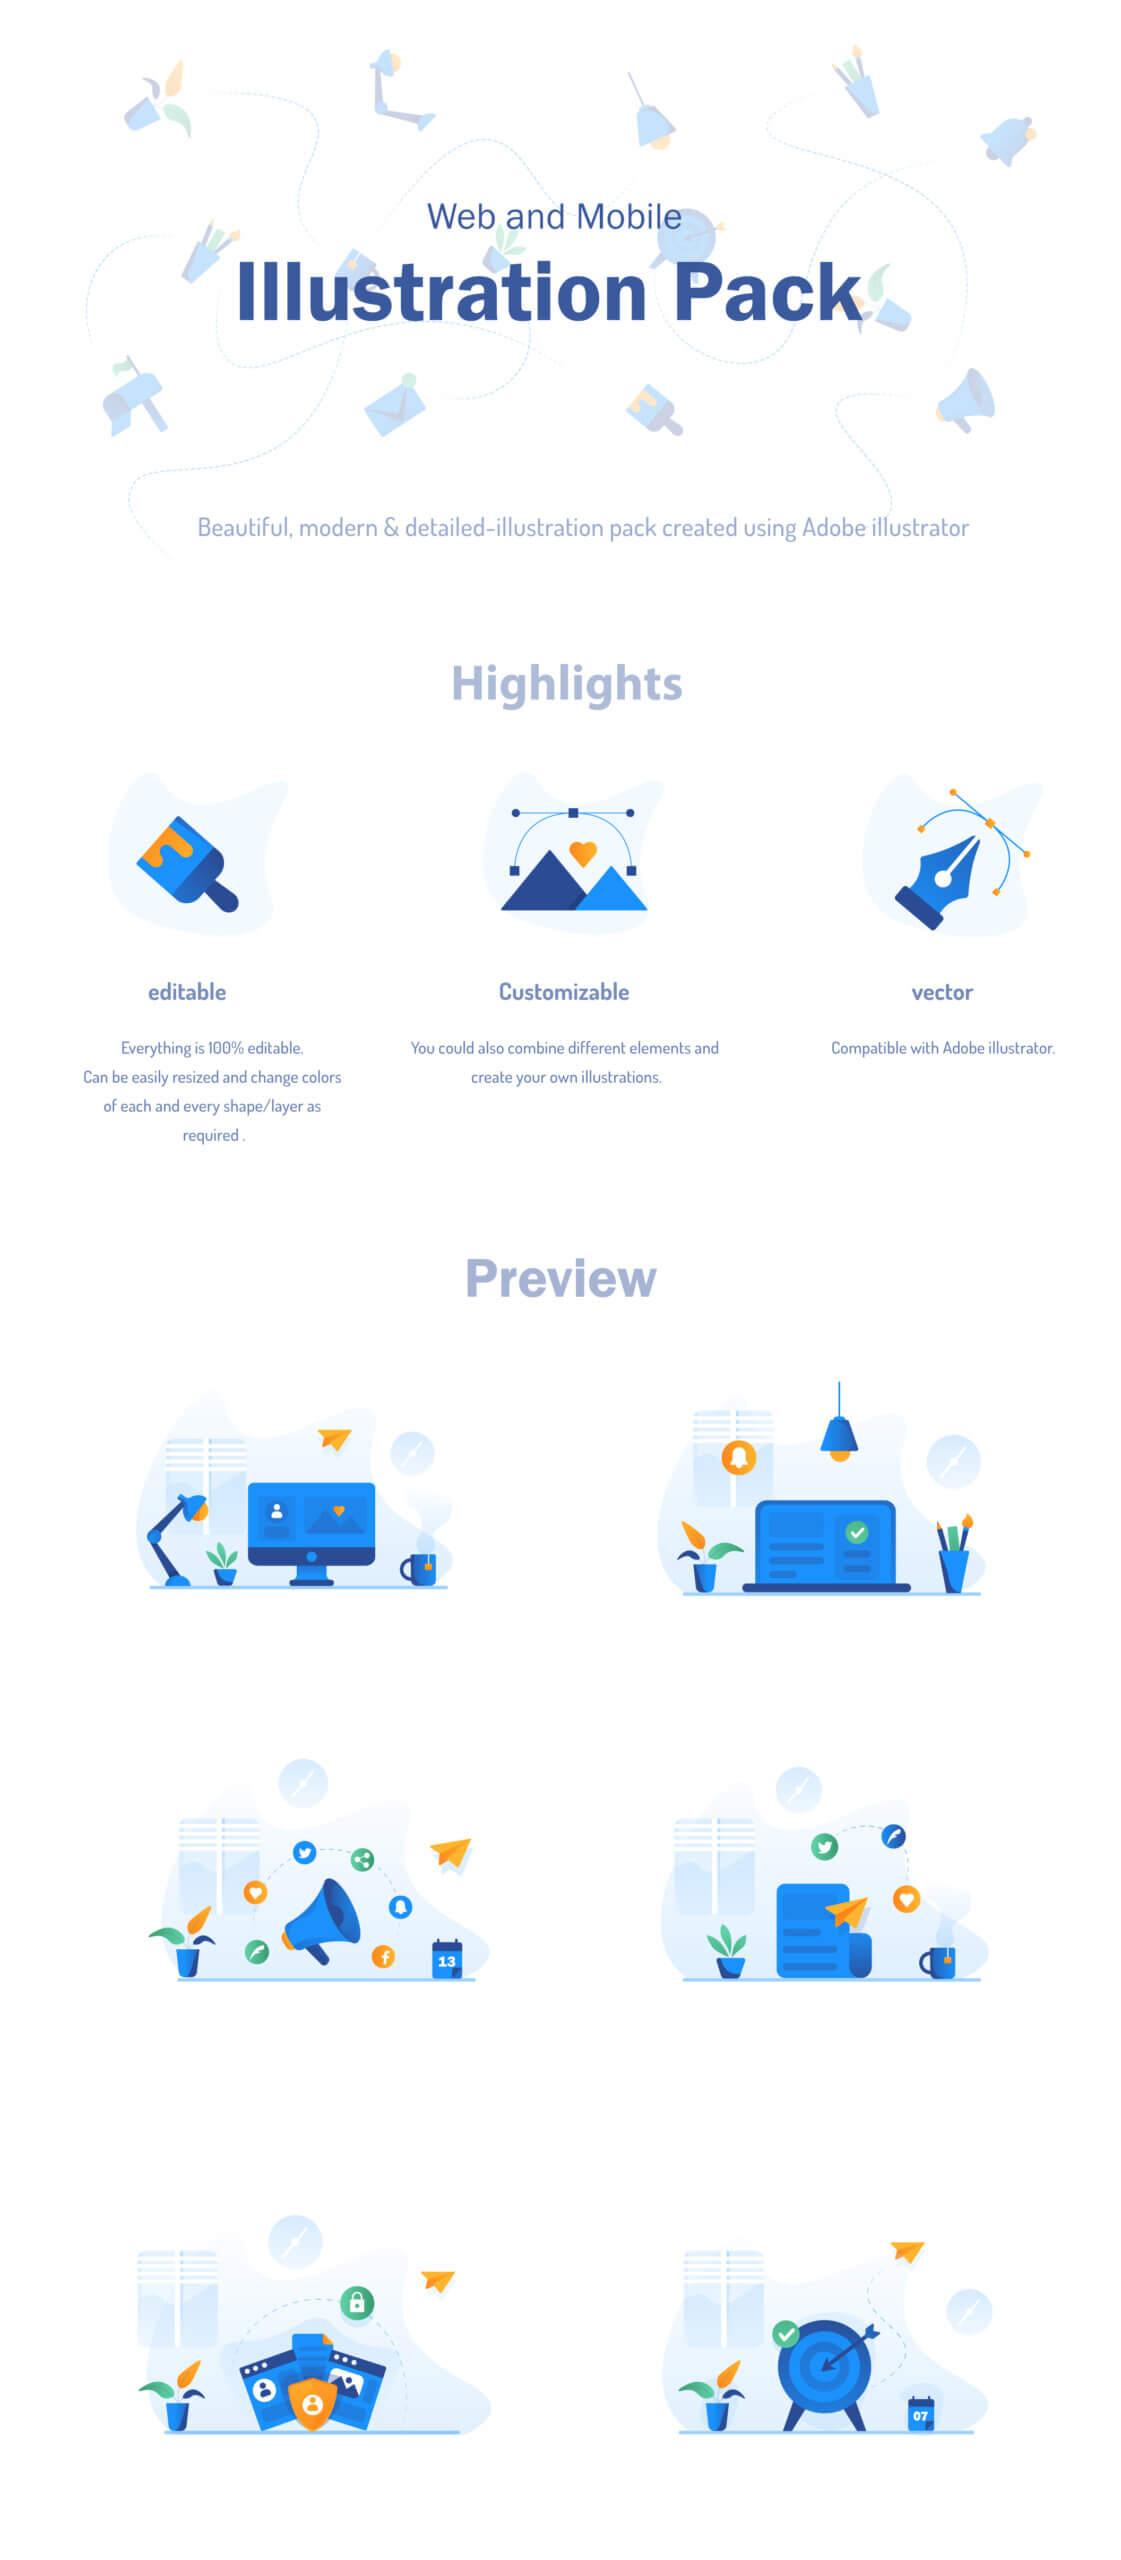 现代企业办公场景插画/移动界面素材下载Illustration Pack插图(11)